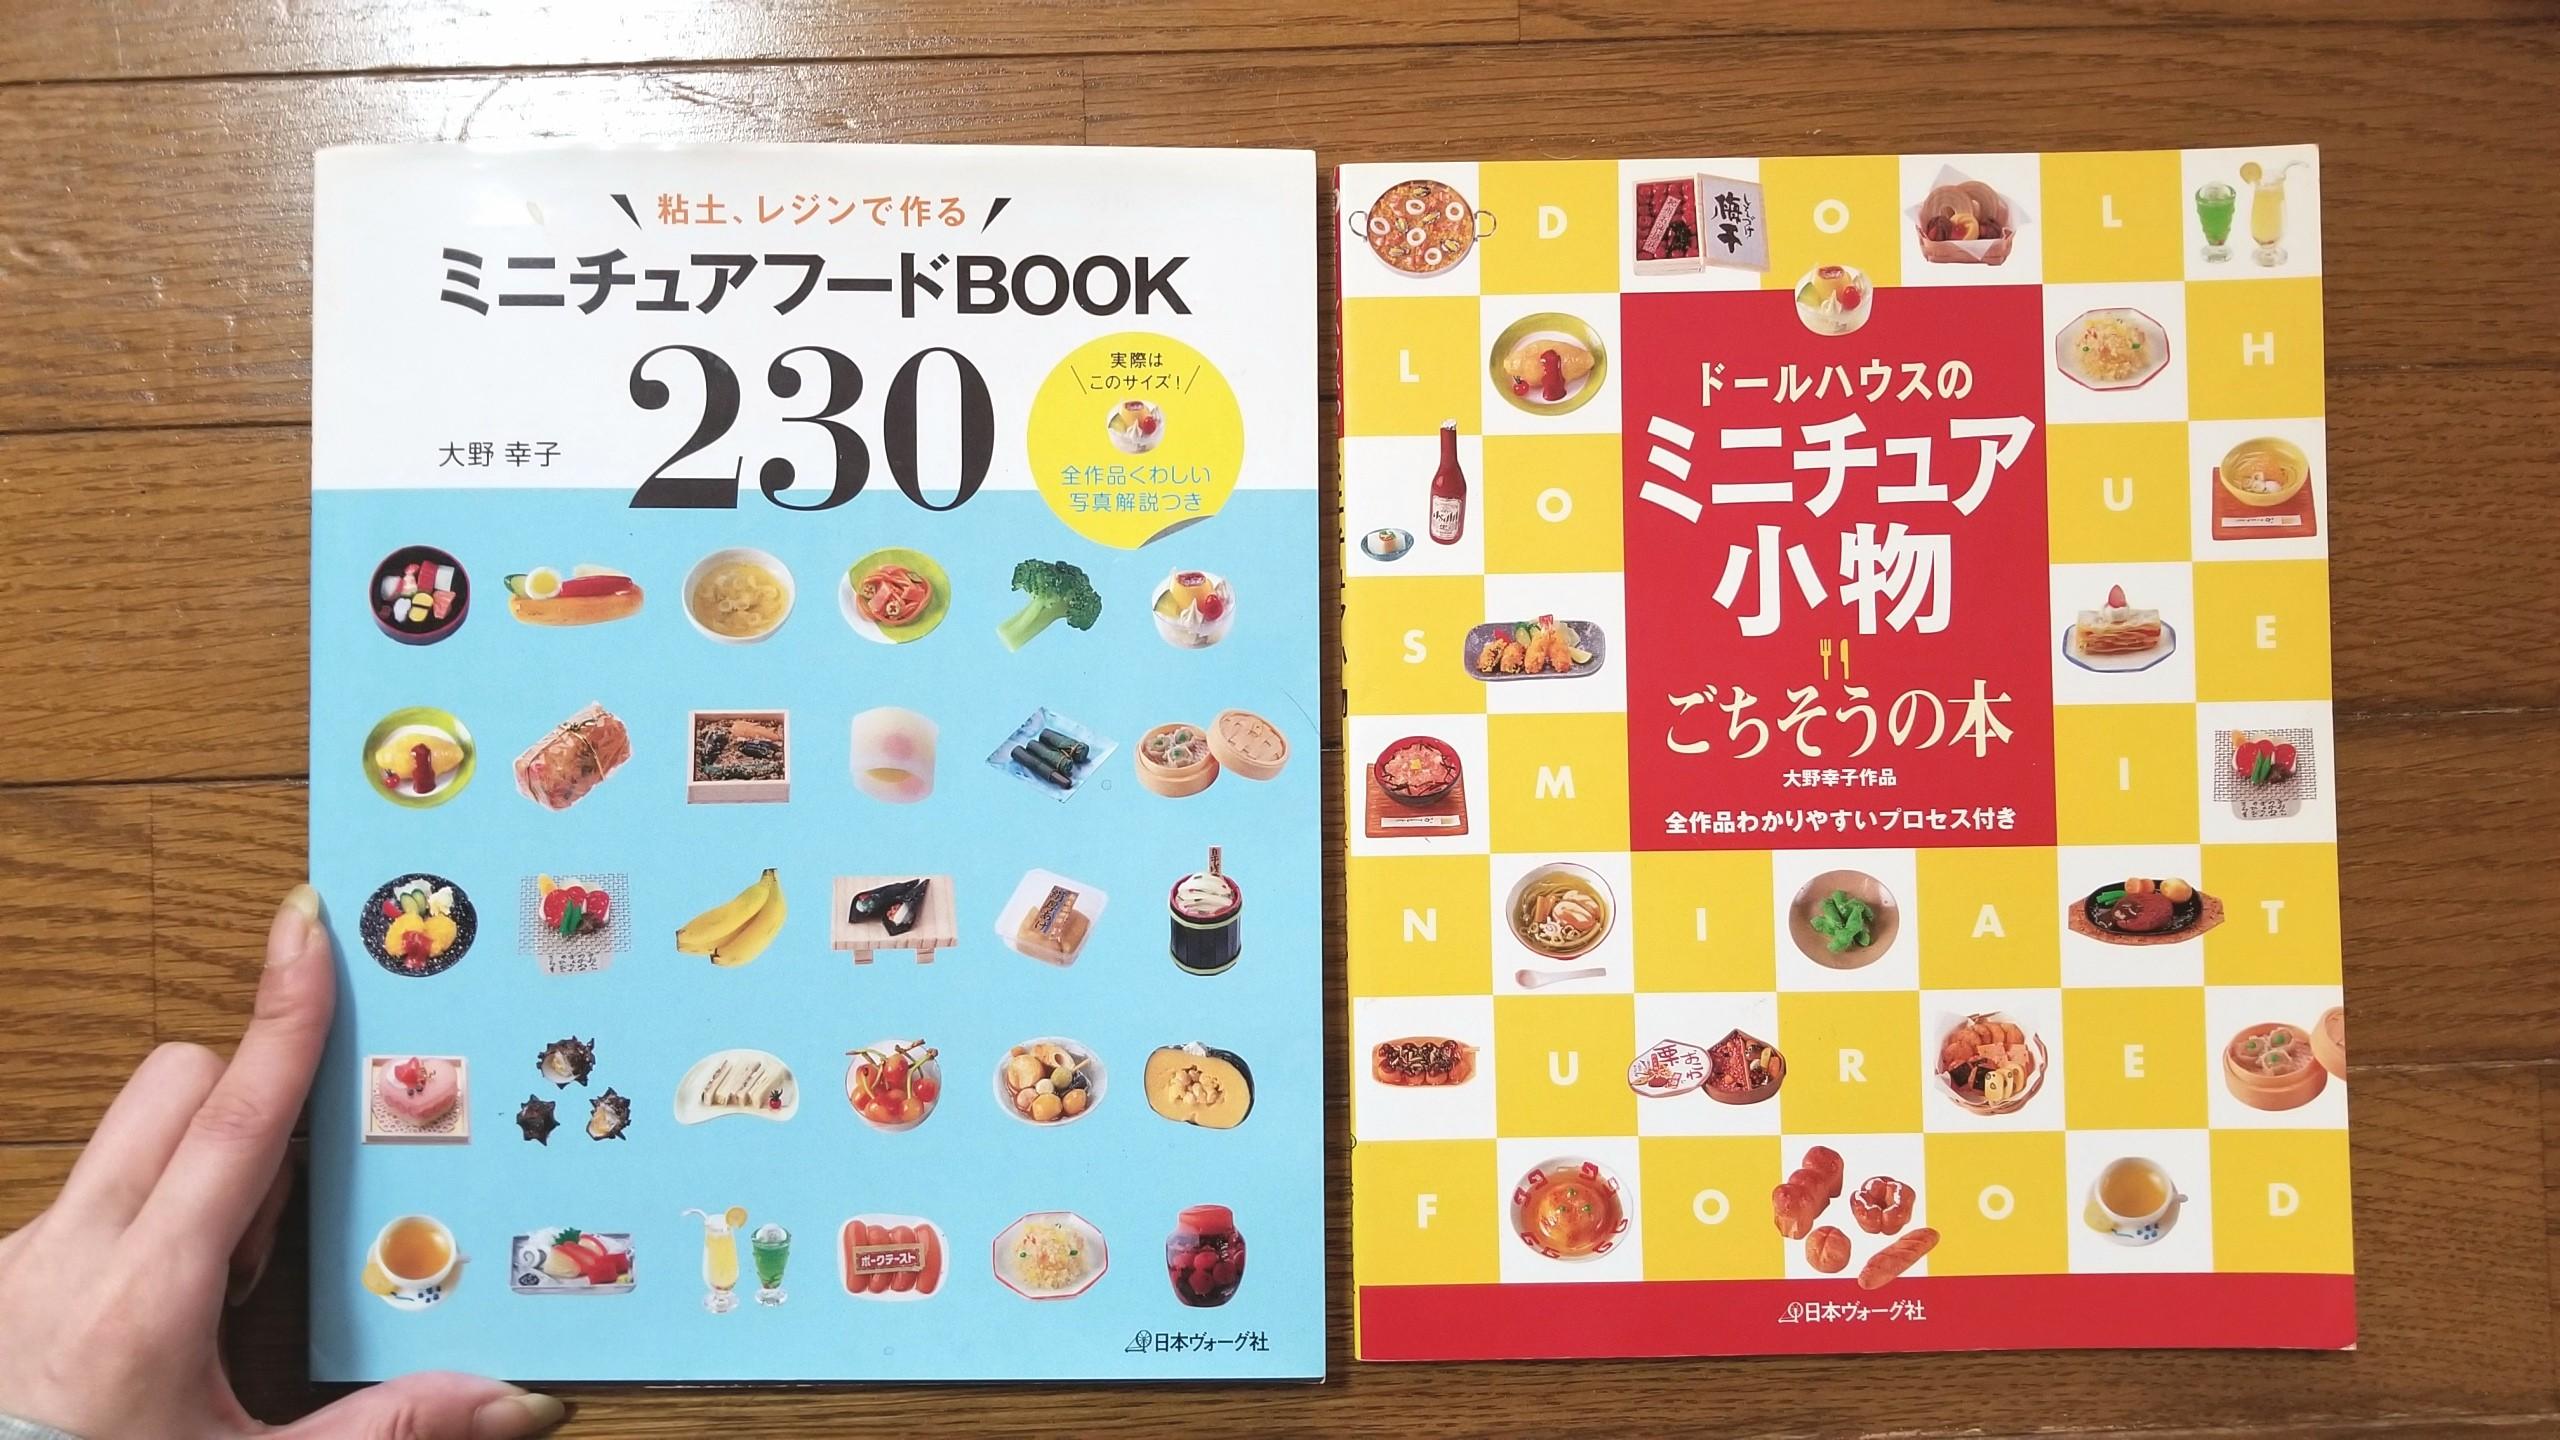 ミニチュアフード,おすすめ,有名人気作家,本,BOOK,樹脂粘土,ブログ